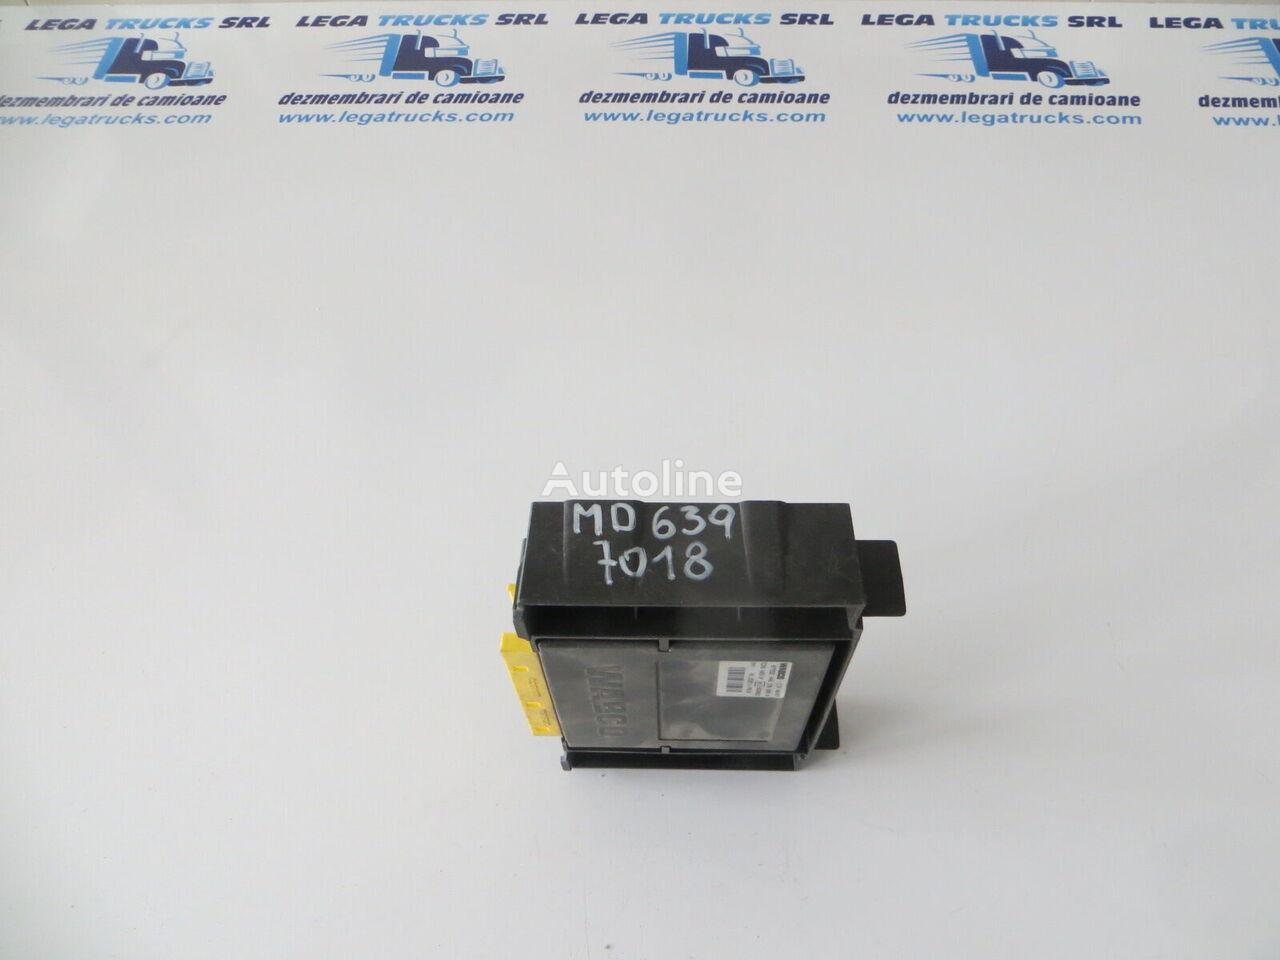 блок управления MD639 для тягача MAN TGA TGX